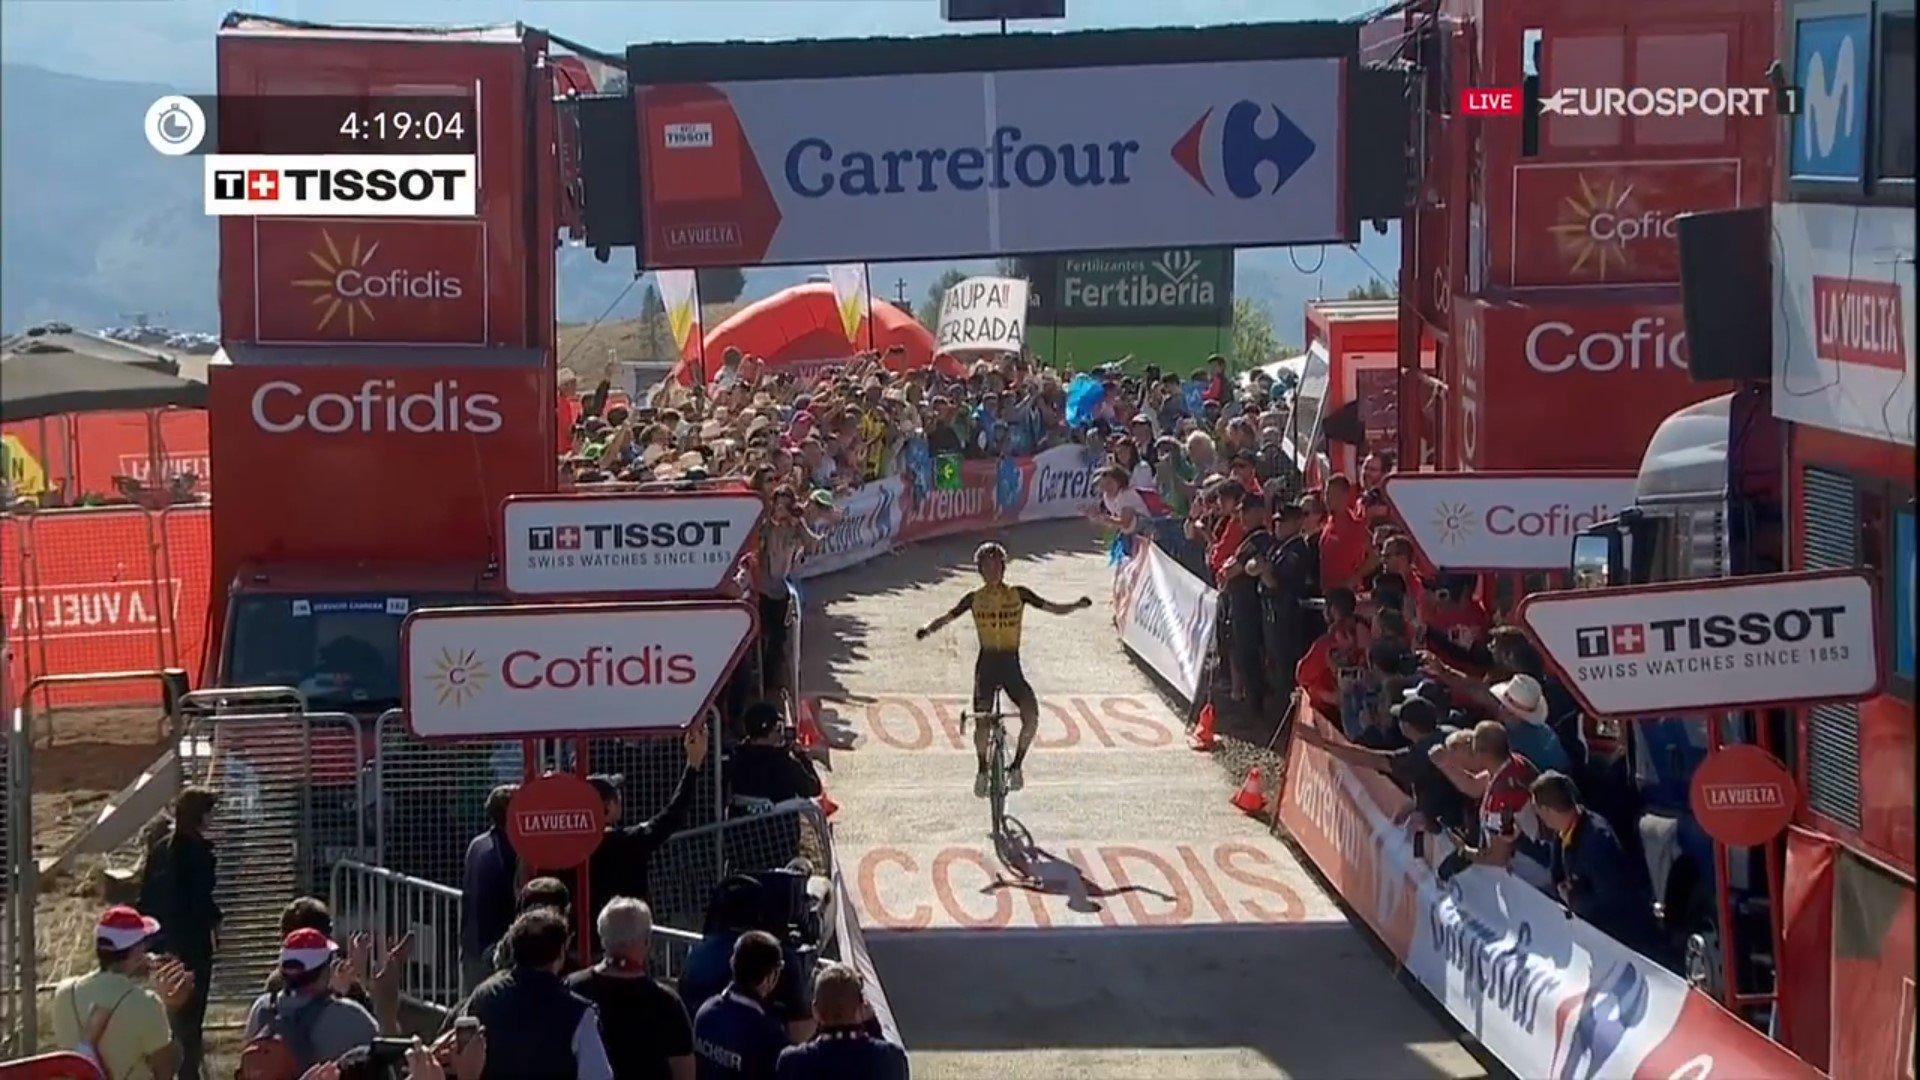 Successo di Sepp Kuss alla Vuelta espana.